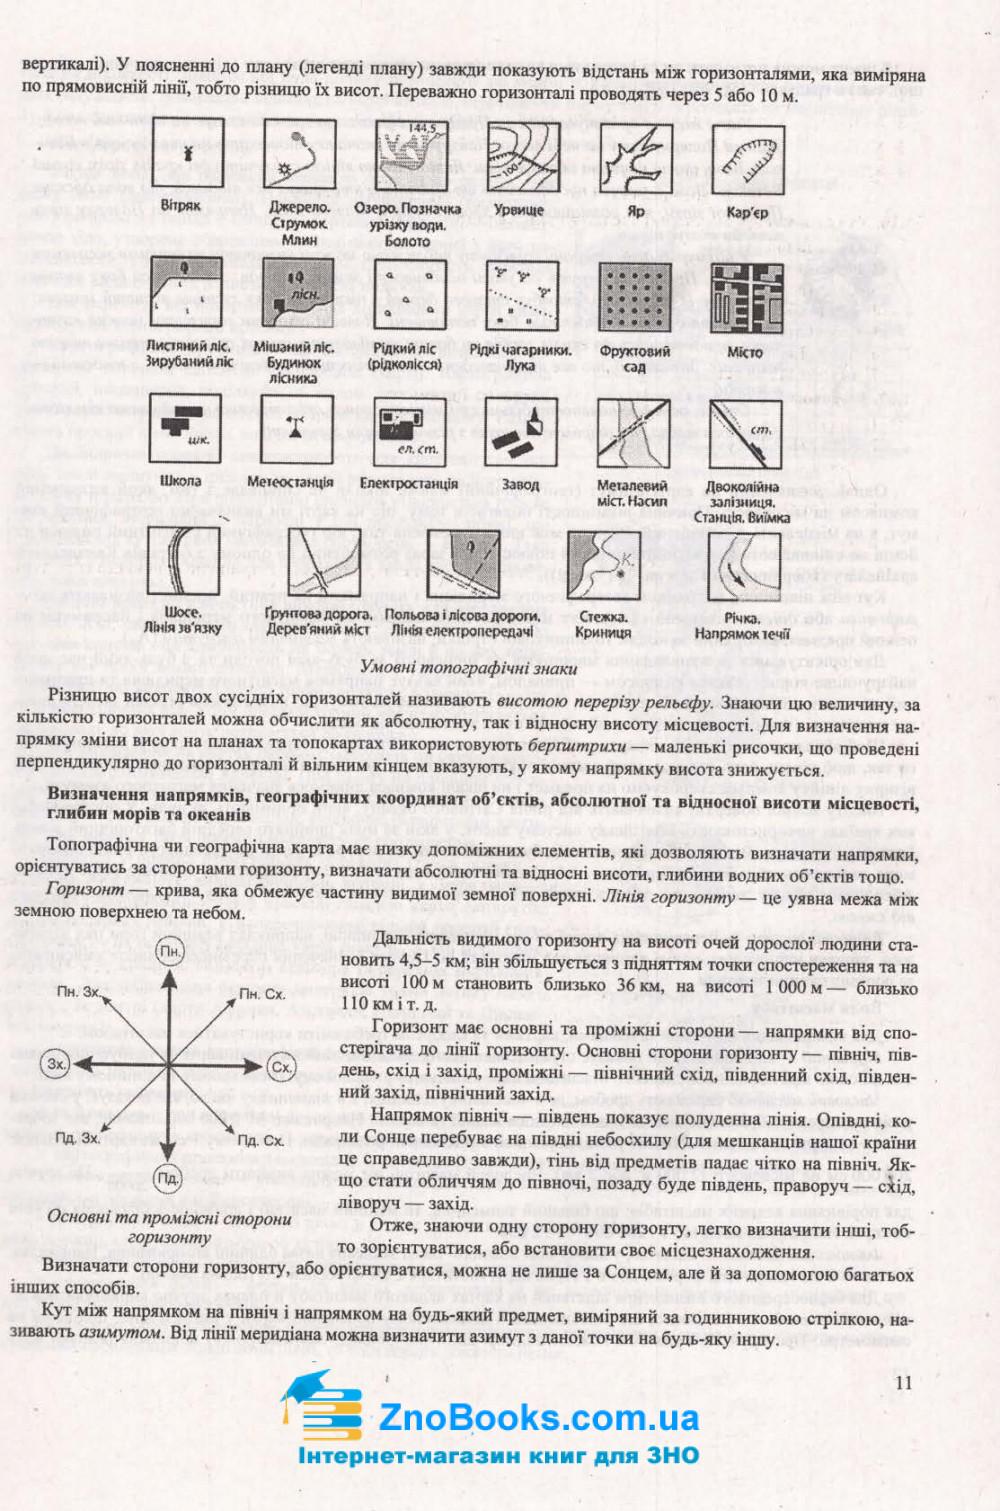 ЗНО 2021 Географія. Комплексне видання : Кузишин А. Підручники і посібники. купити 11